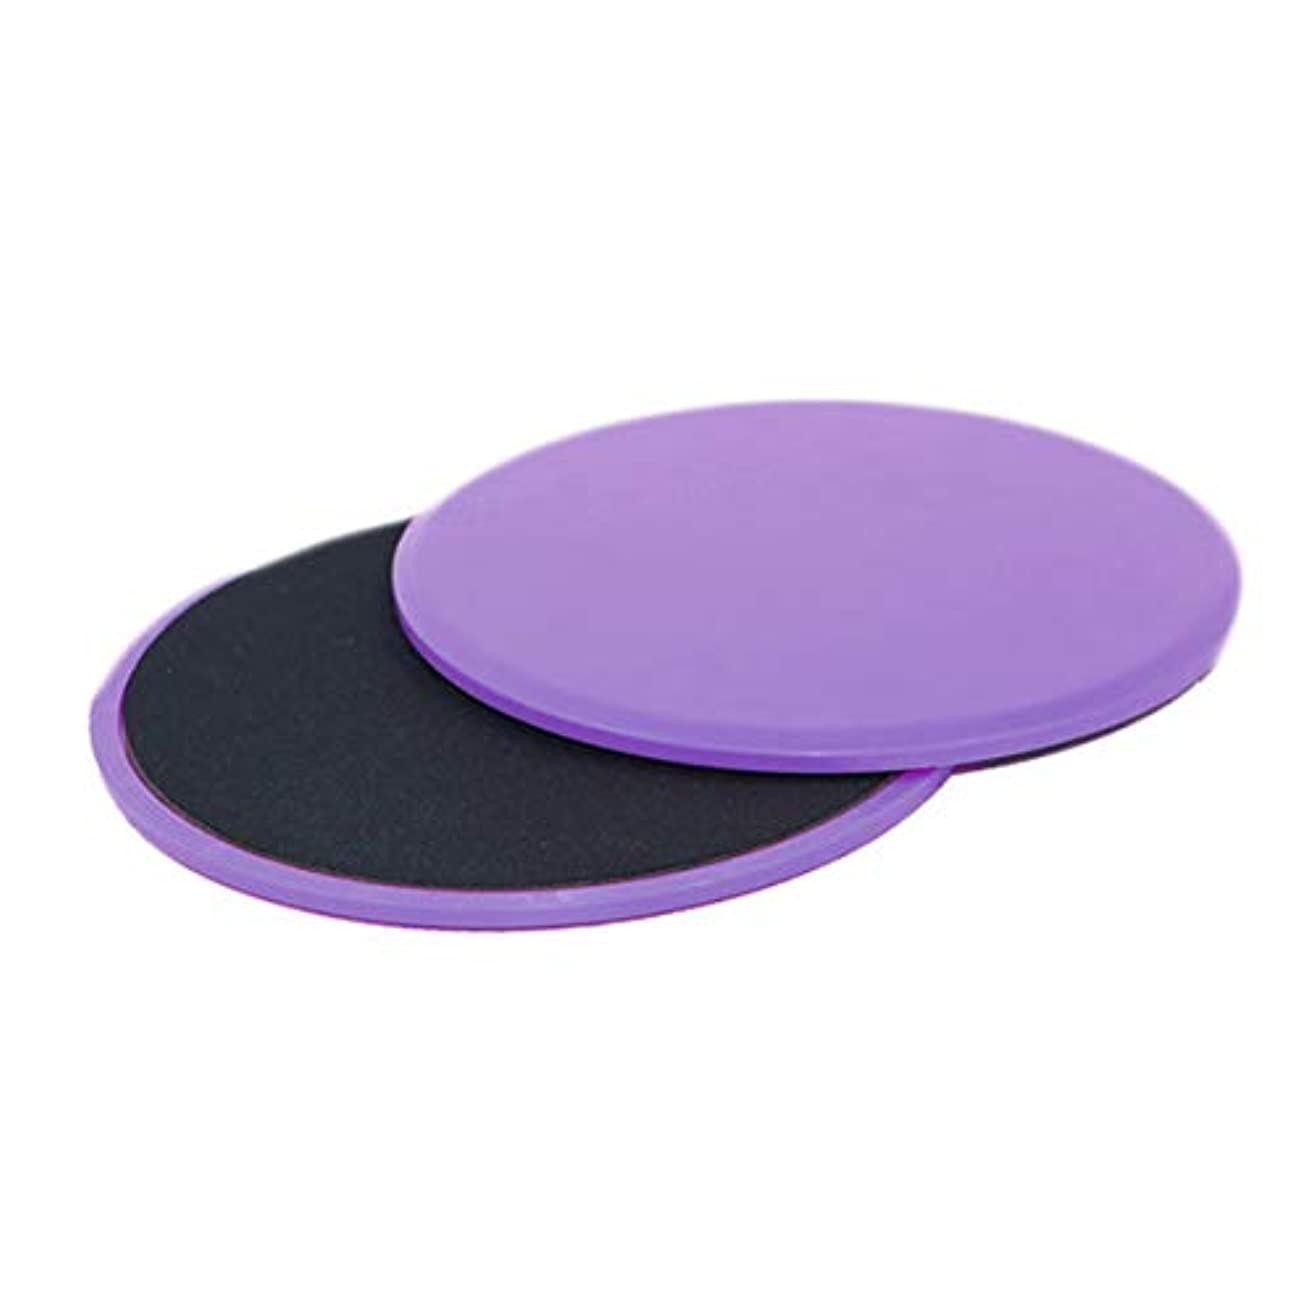 フィットネススライドグライディングディスク調整能力フィットネスエクササイズスライダーコアトレーニング腹部と全身トレーニング - パープル